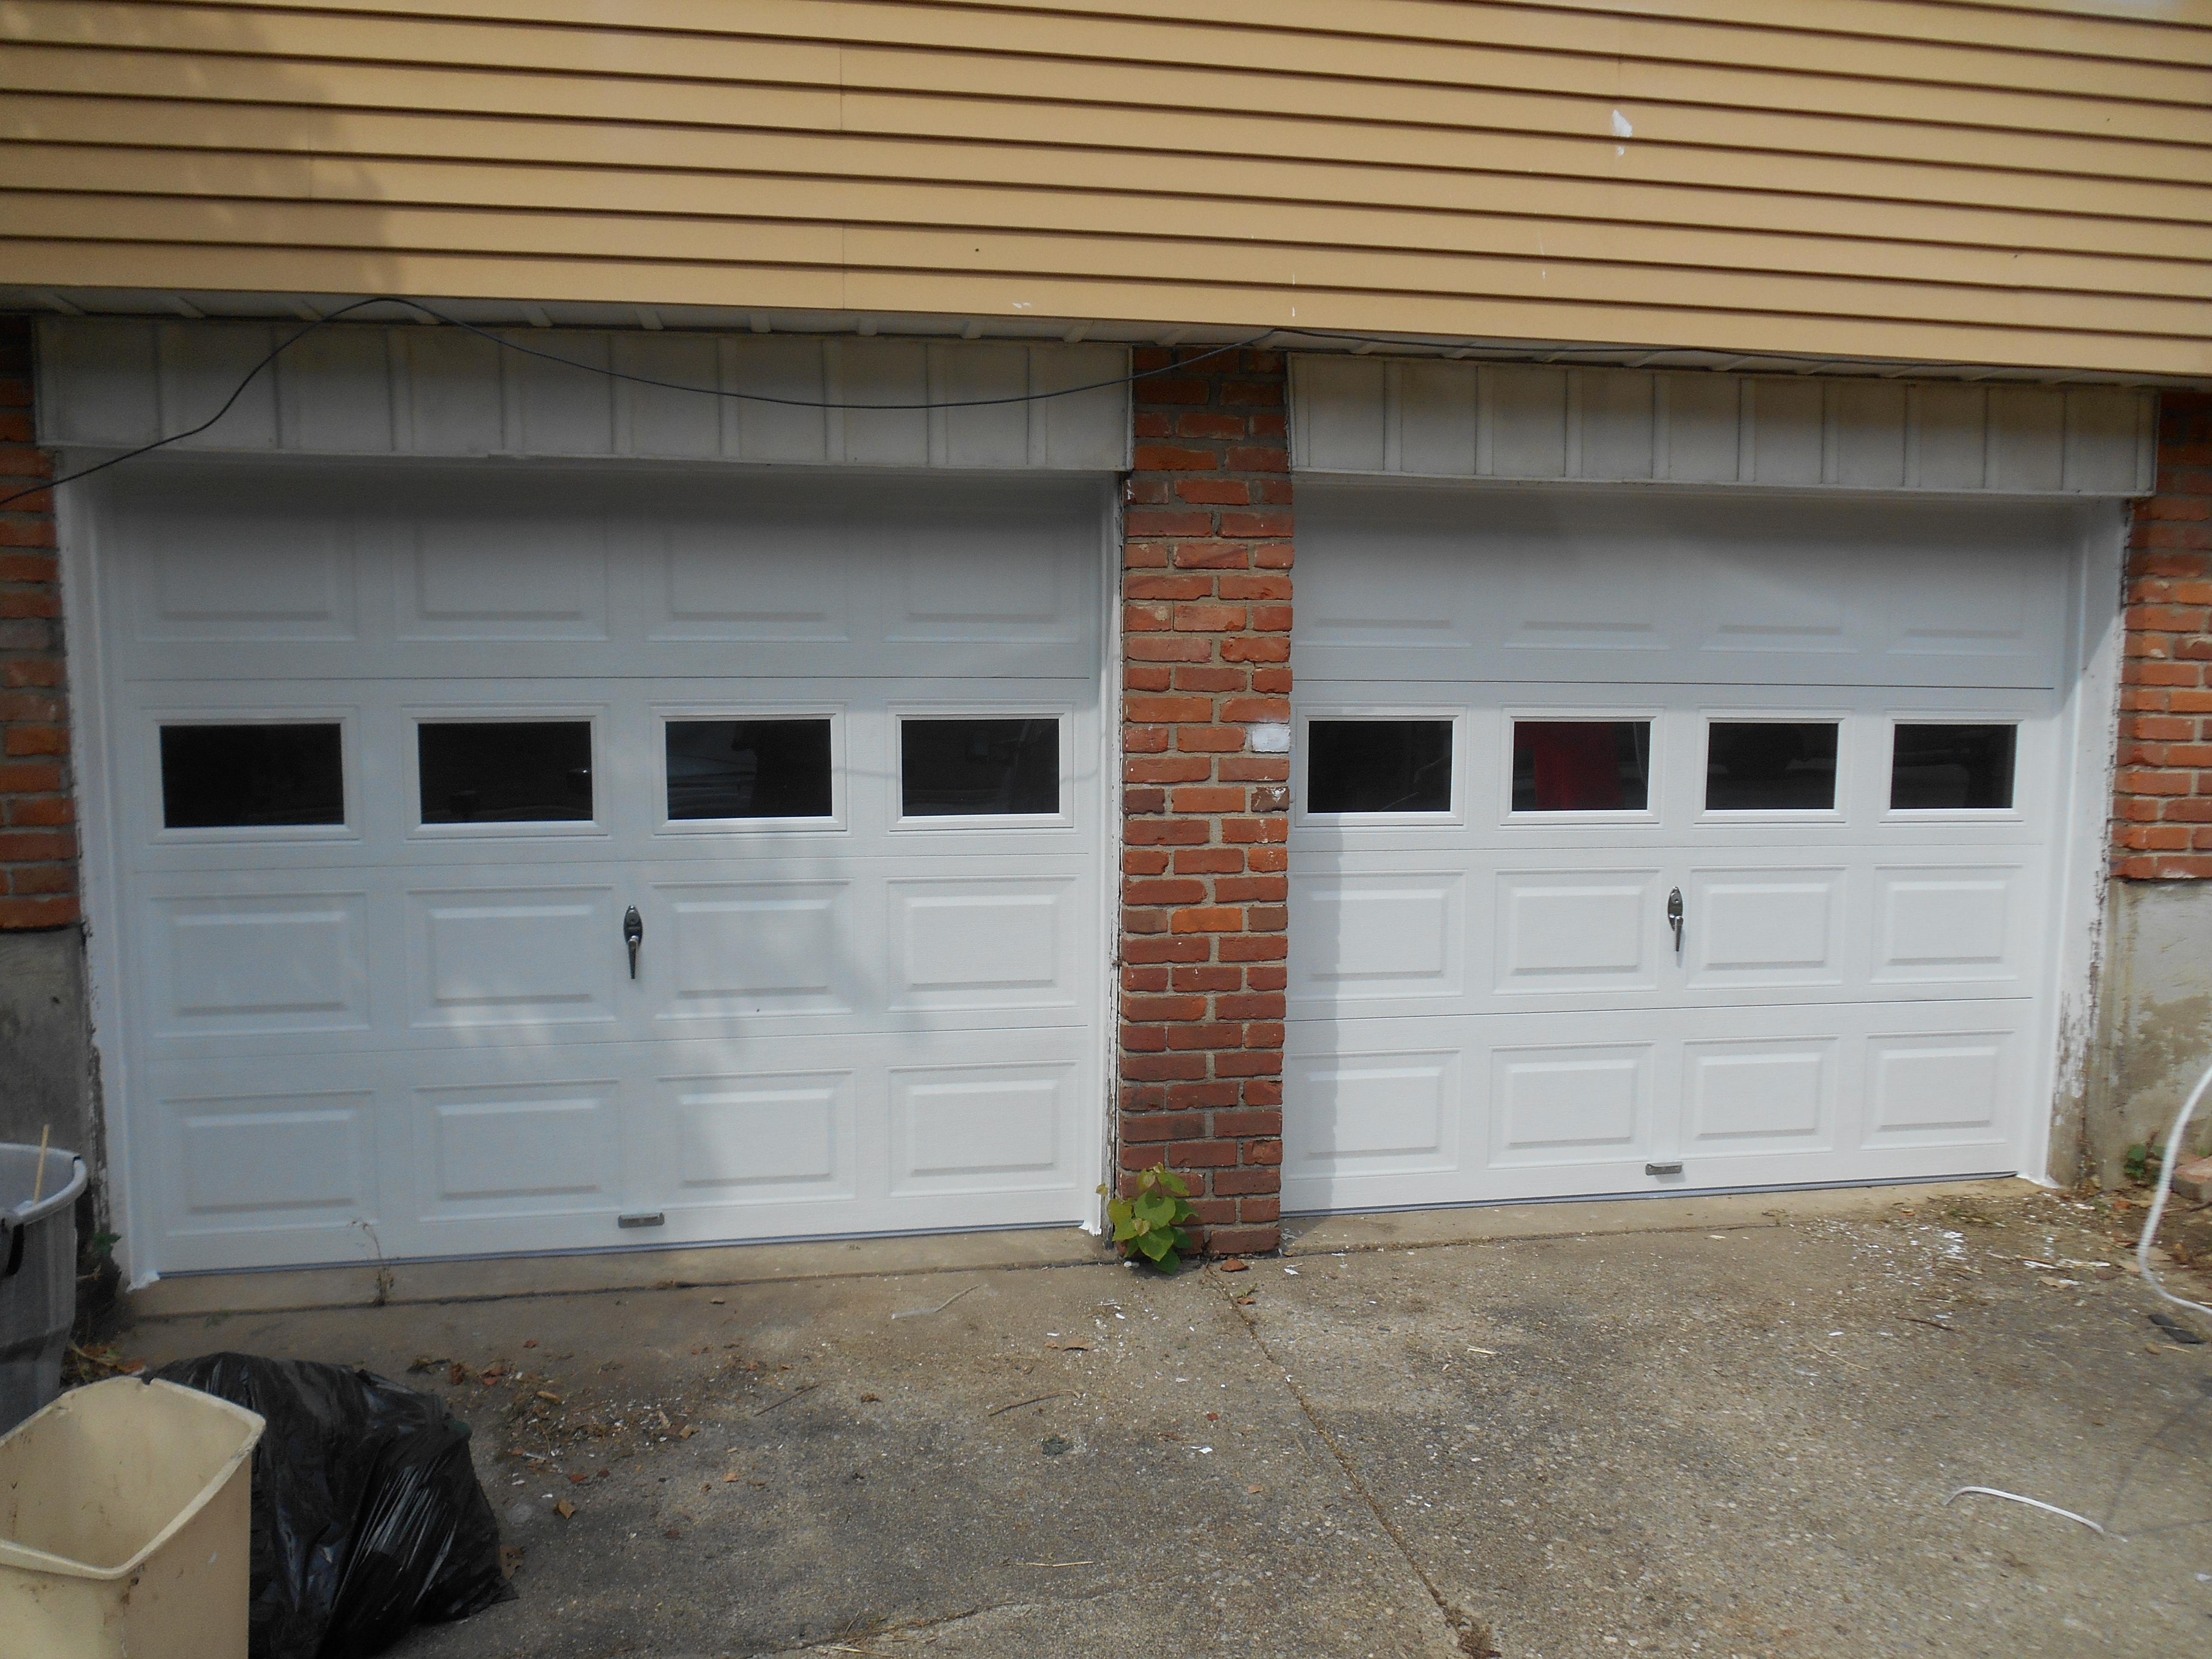 3864 #674934 Overhead Door Blog Garage Doors The Geniune. The Original. picture/photo Overhead Garage Doors 38295152